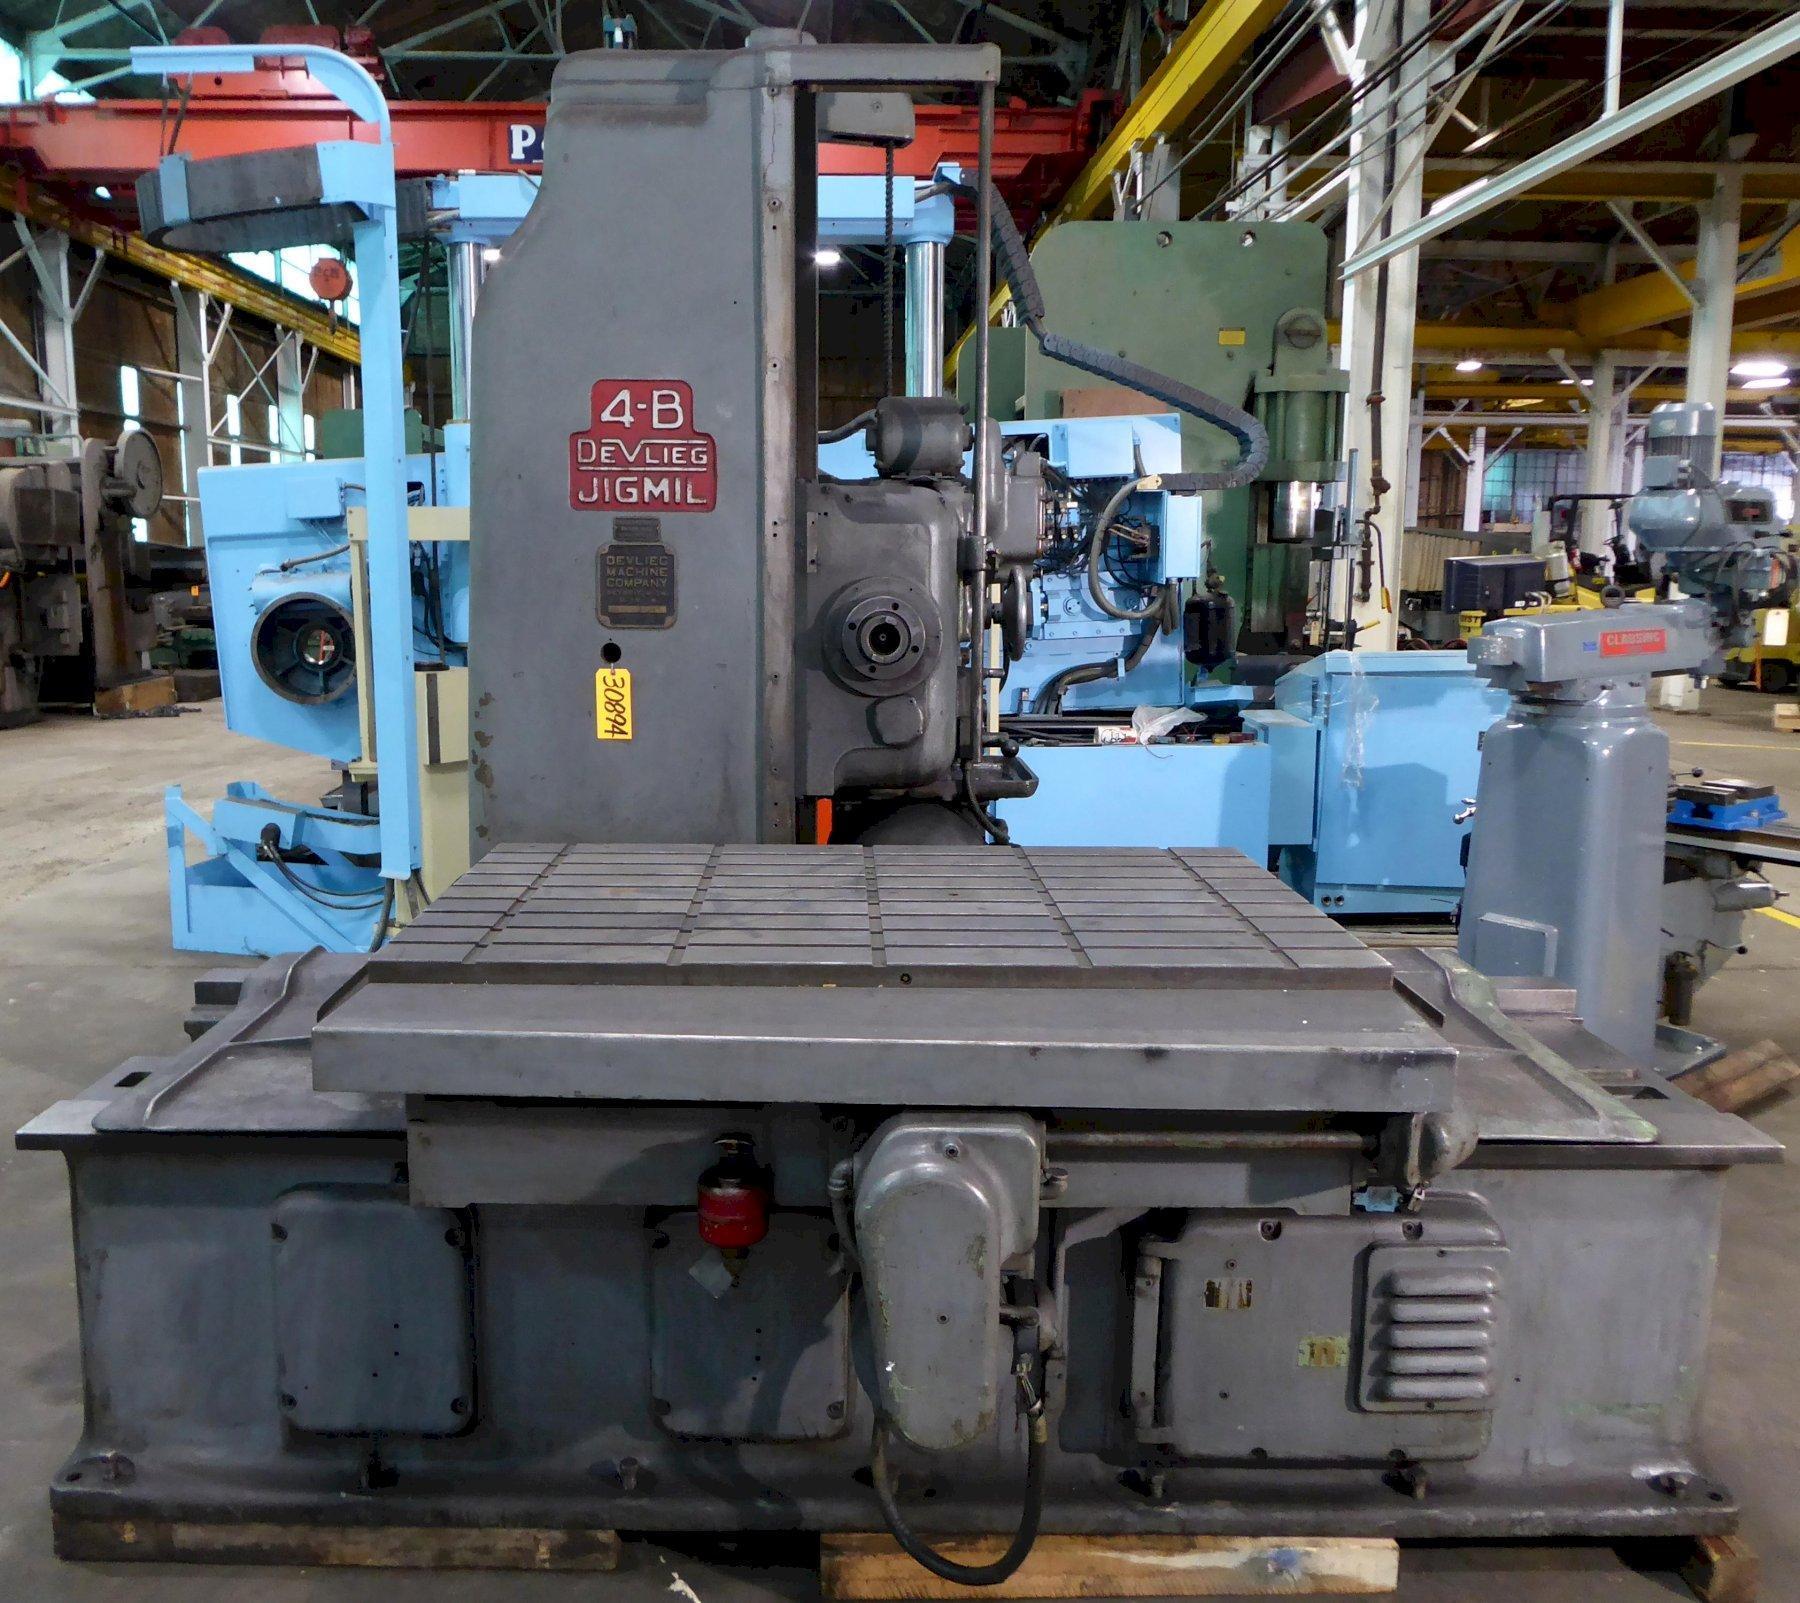 4B-72 DeVlieg Jigmil, 36″ x 72″ Tbl., 50 Taper, 48″ Vert., Low Price